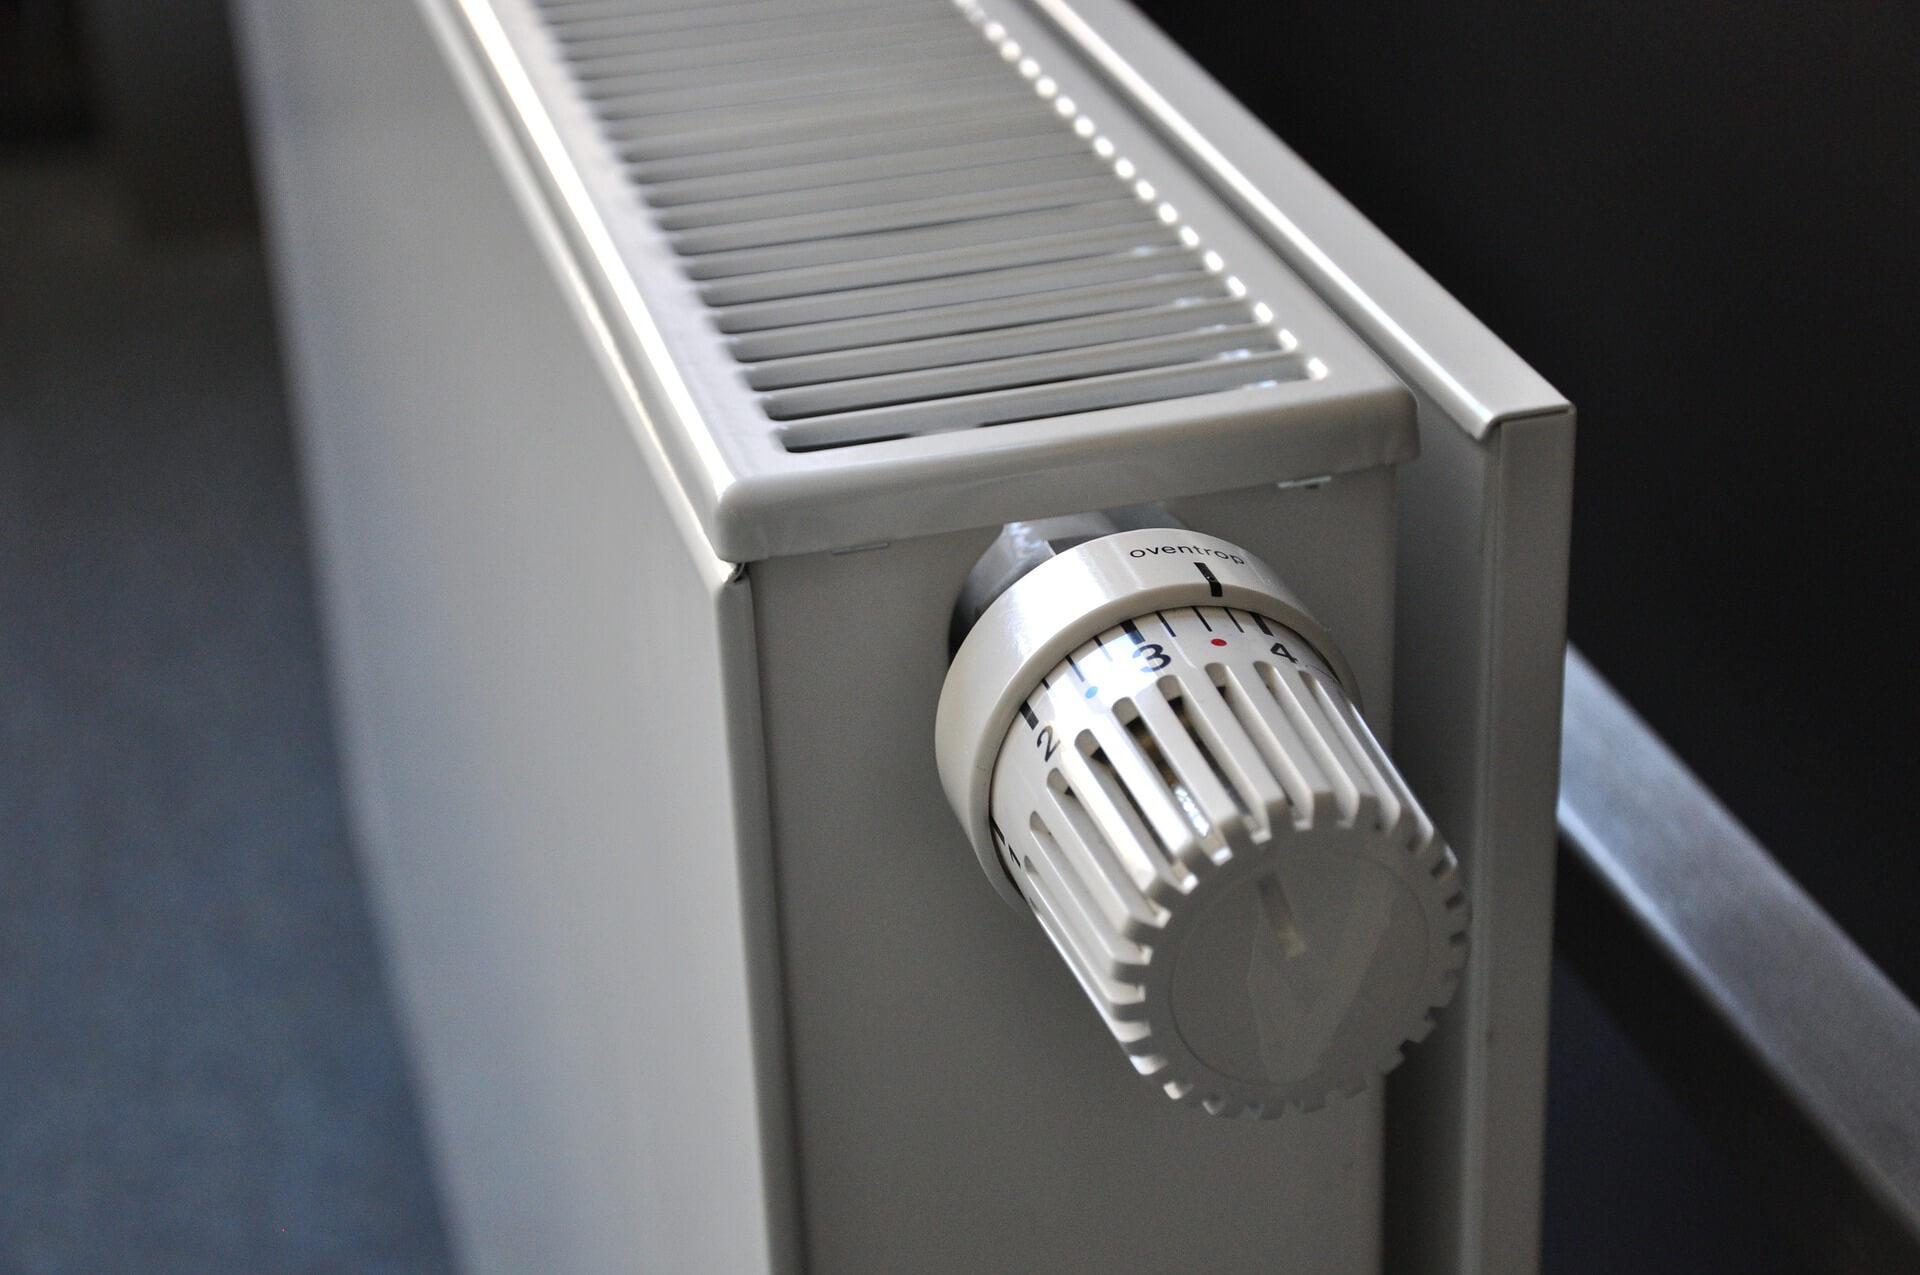 Radiatorombouw voor iedere verwarming